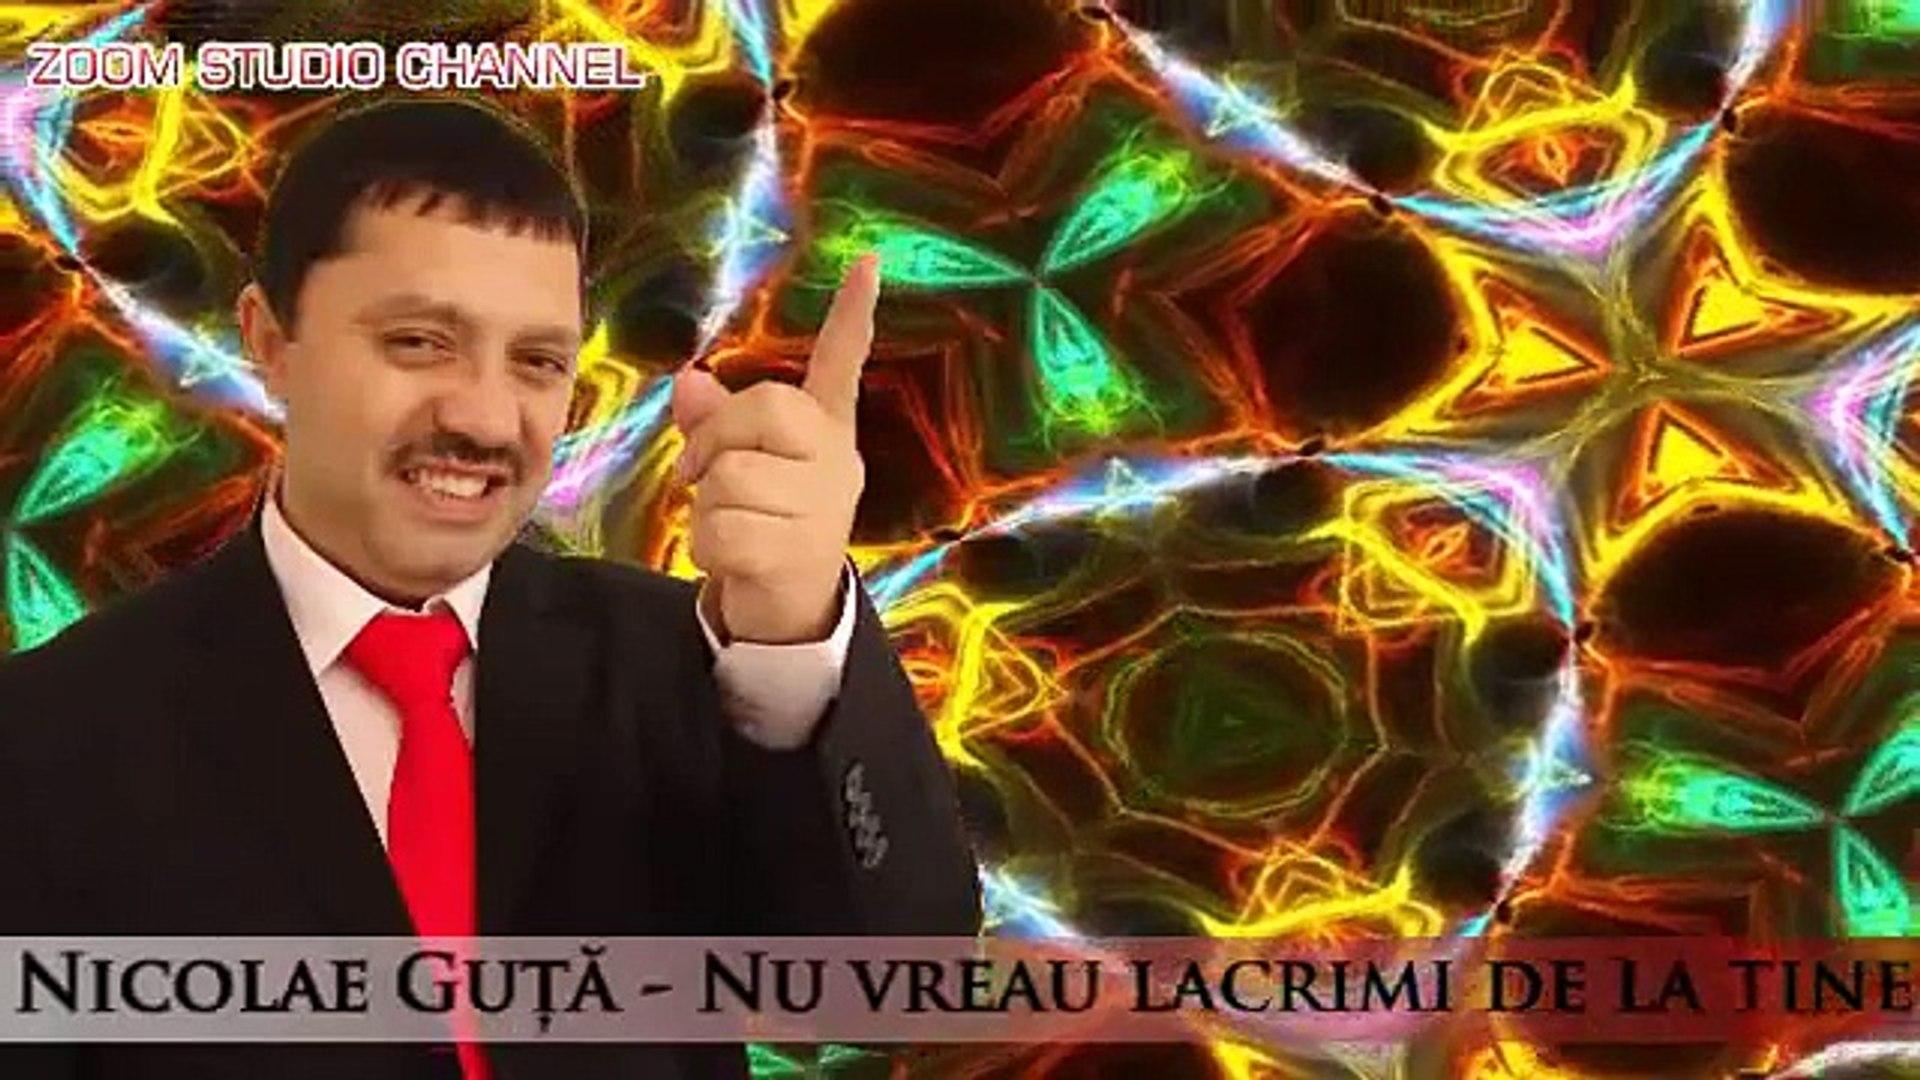 Marian Boroleanu Nu vreau lacrimi de la tine preluat de la Nicolae Guta